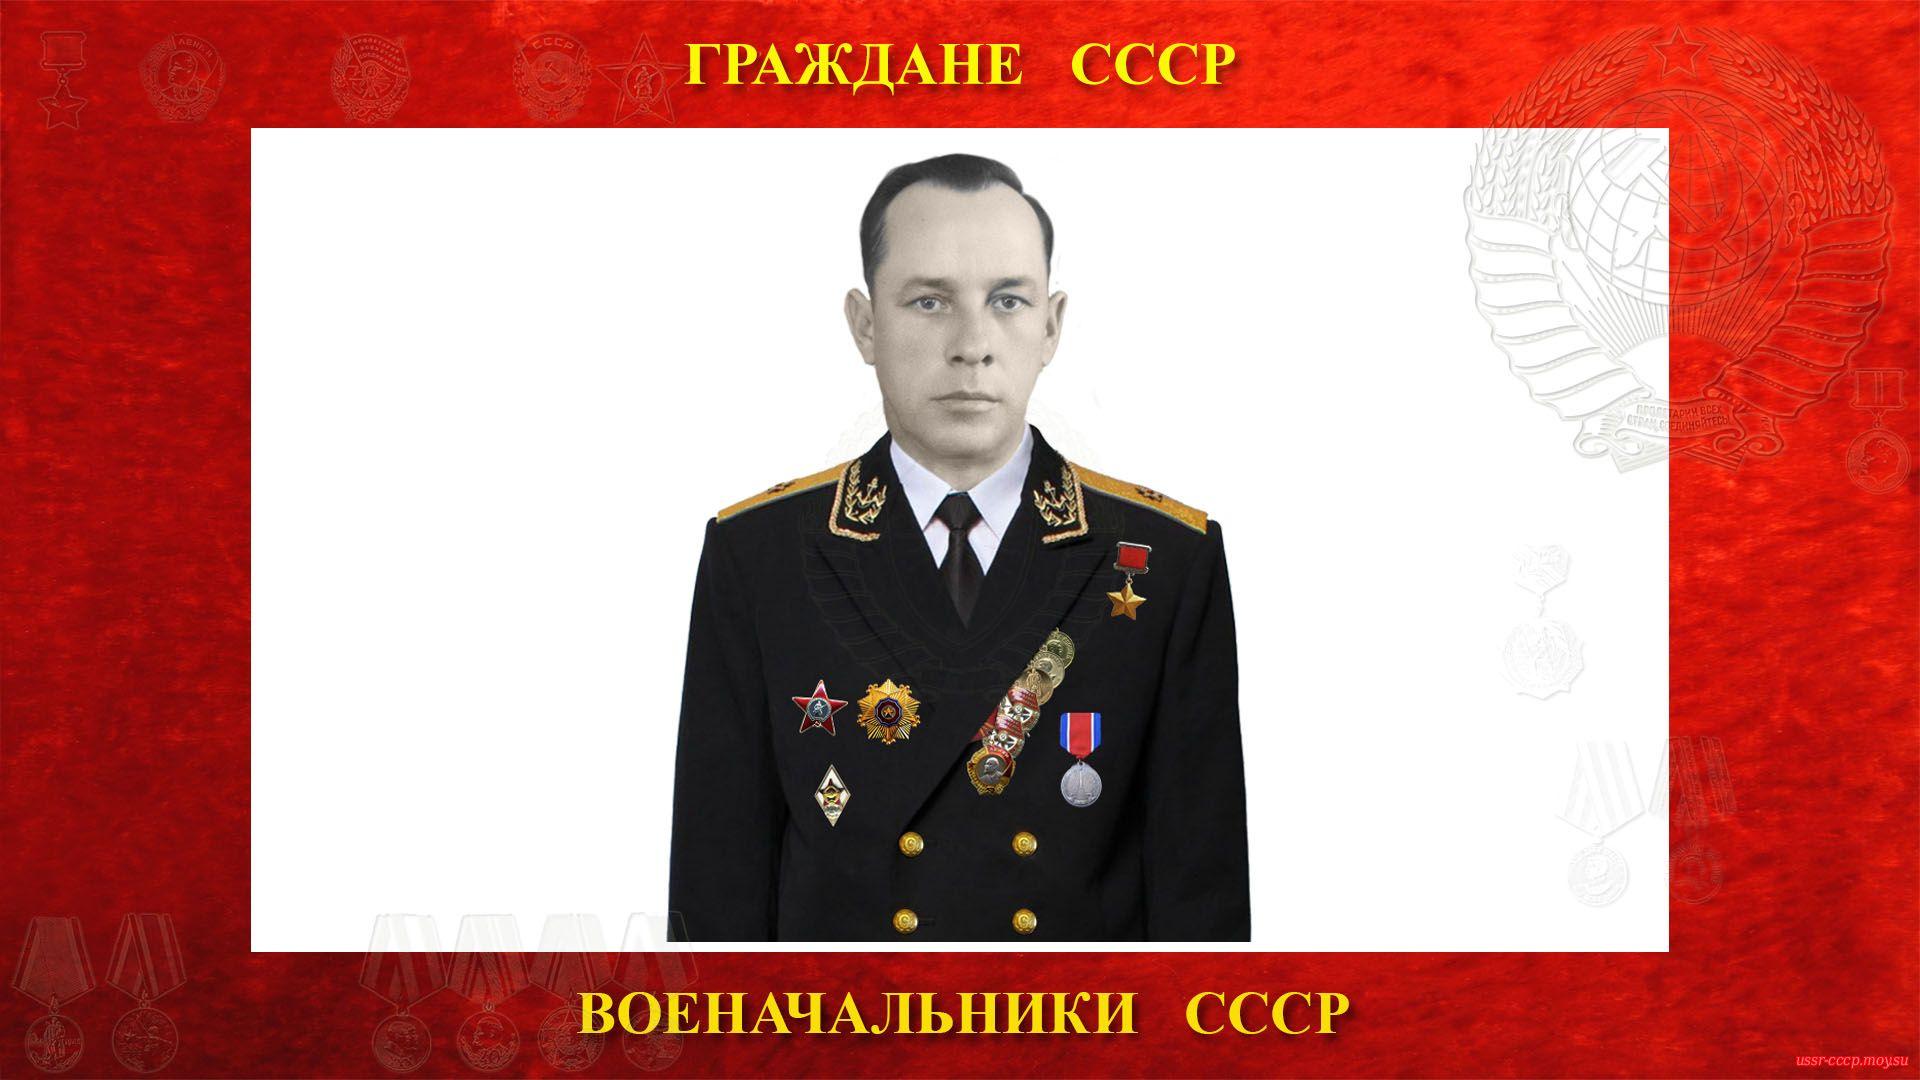 Балякин Леонид Николаевич— Советский военачальник СССР — Контр-адмирал(19.08.1915 — 26.02.1981 (биография))